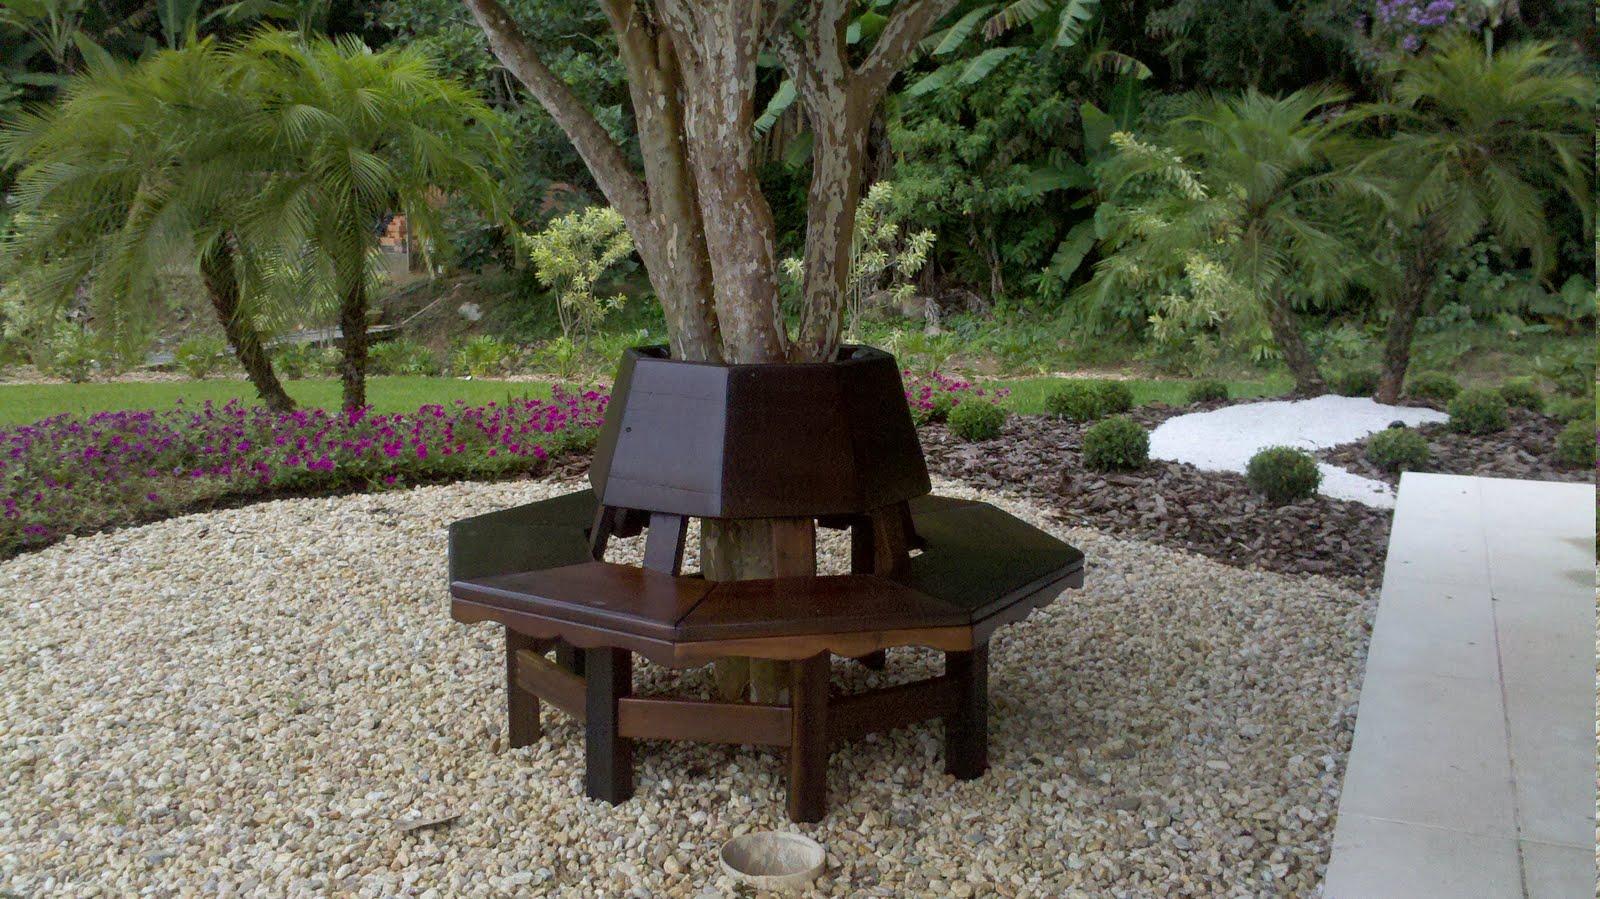 bancos de jardim no rs: de Imagens – Parte VI – Bancos e ambientes relaxantes para jardins